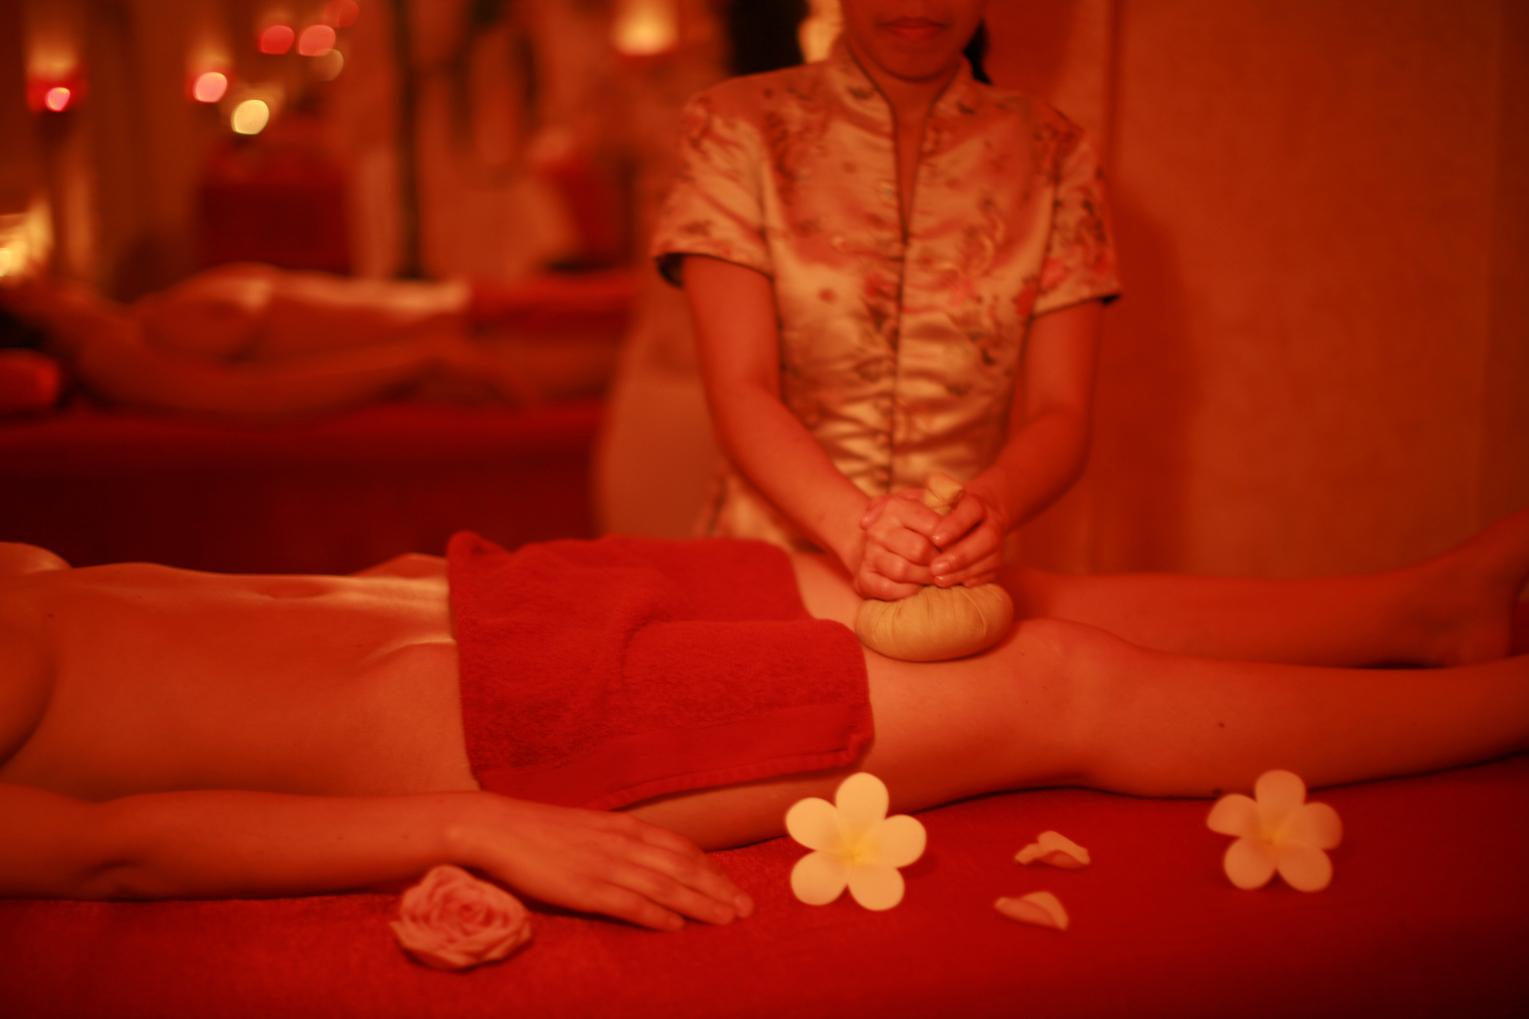 Эротический массаж казань фото 12 фотография